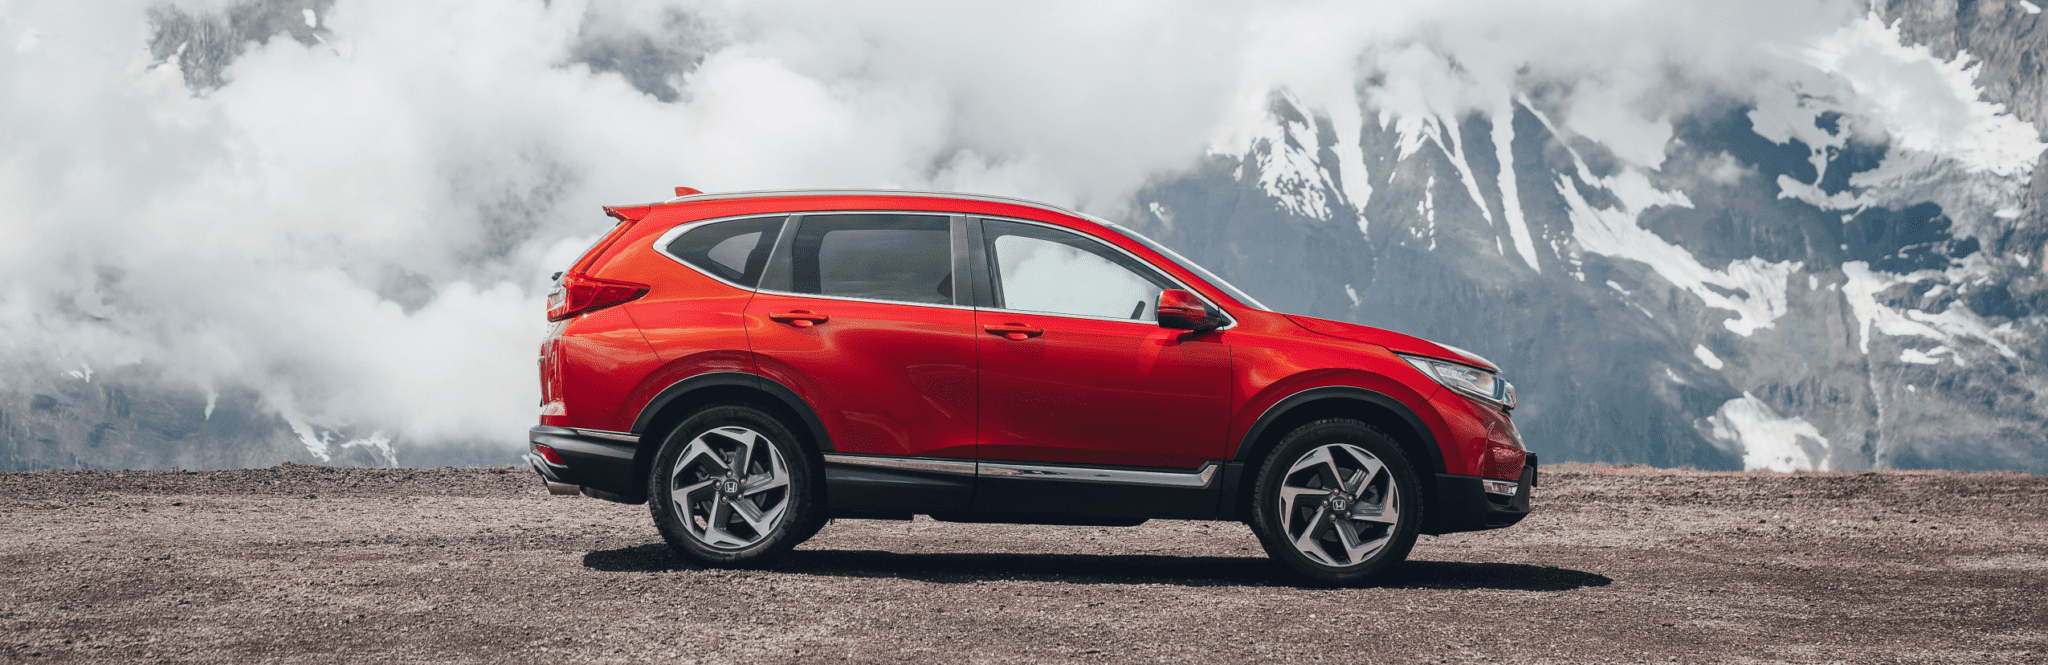 Met zijn strakke en moderne design onze SUV nog steeds onmiskenbaar een CR-V. Dit nieuwe gamma zal al uw verwachtingen overtreffen.